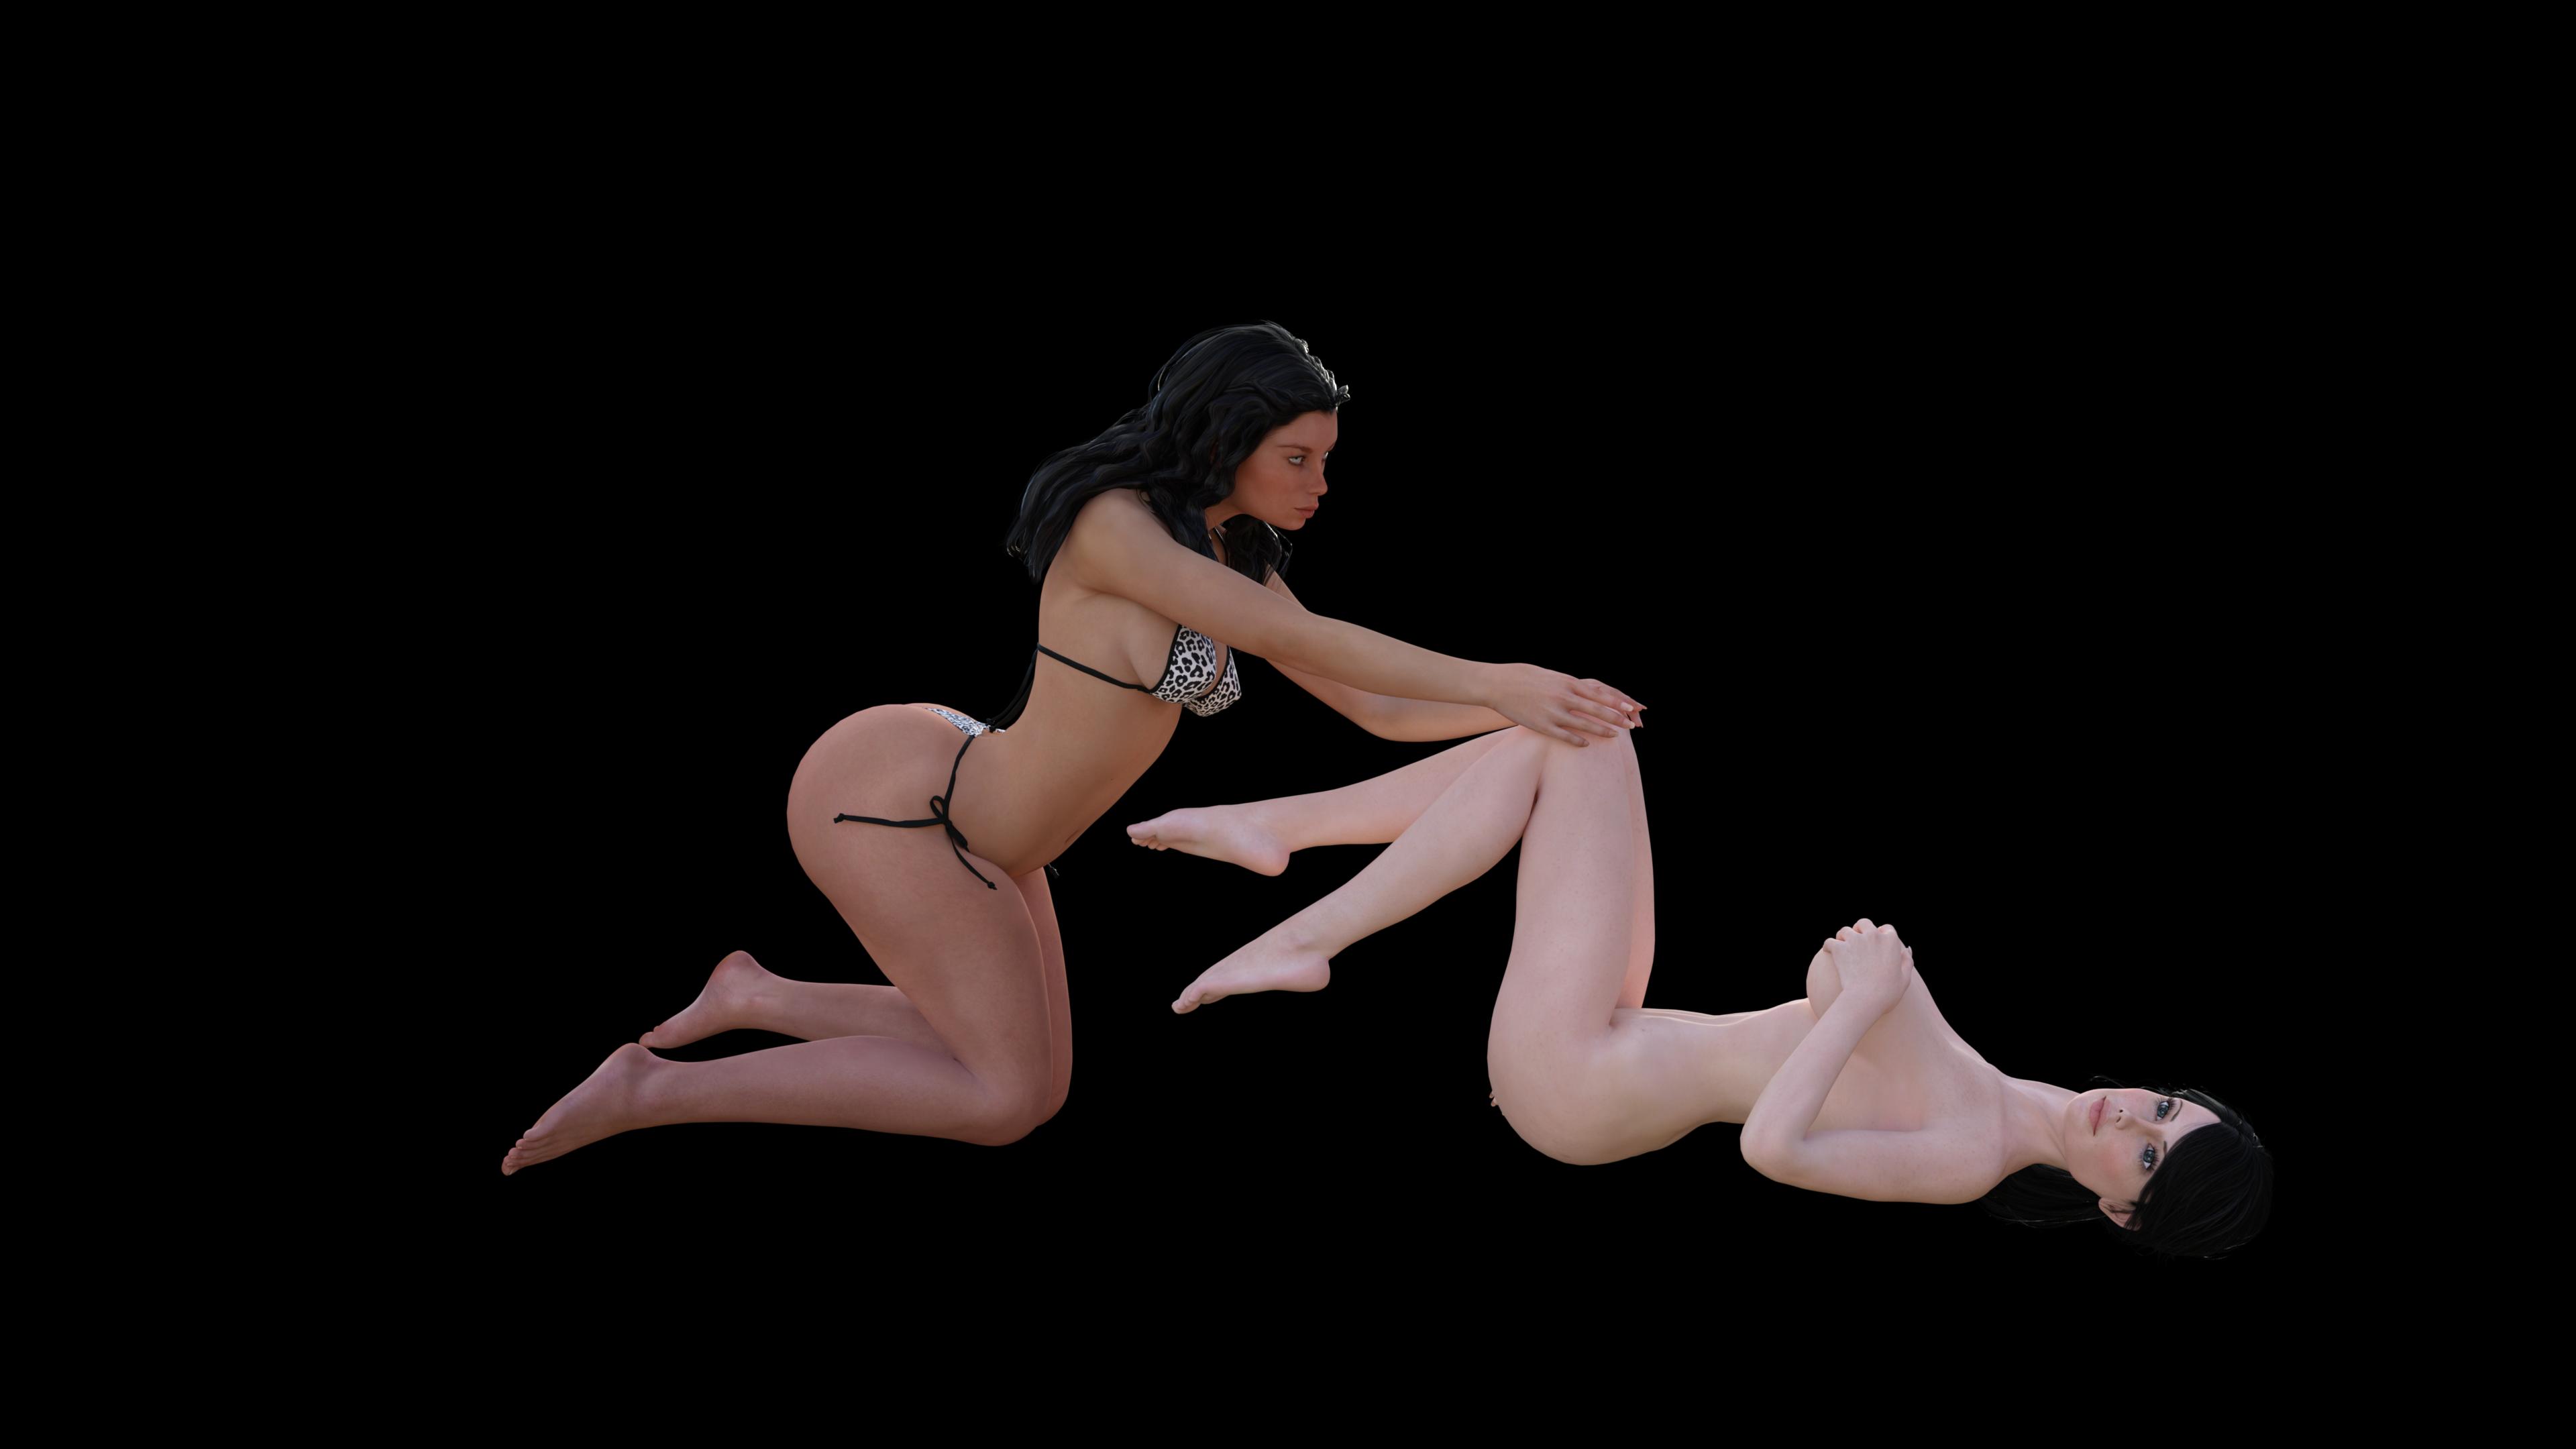 rassilki-eroticheskie-oboi